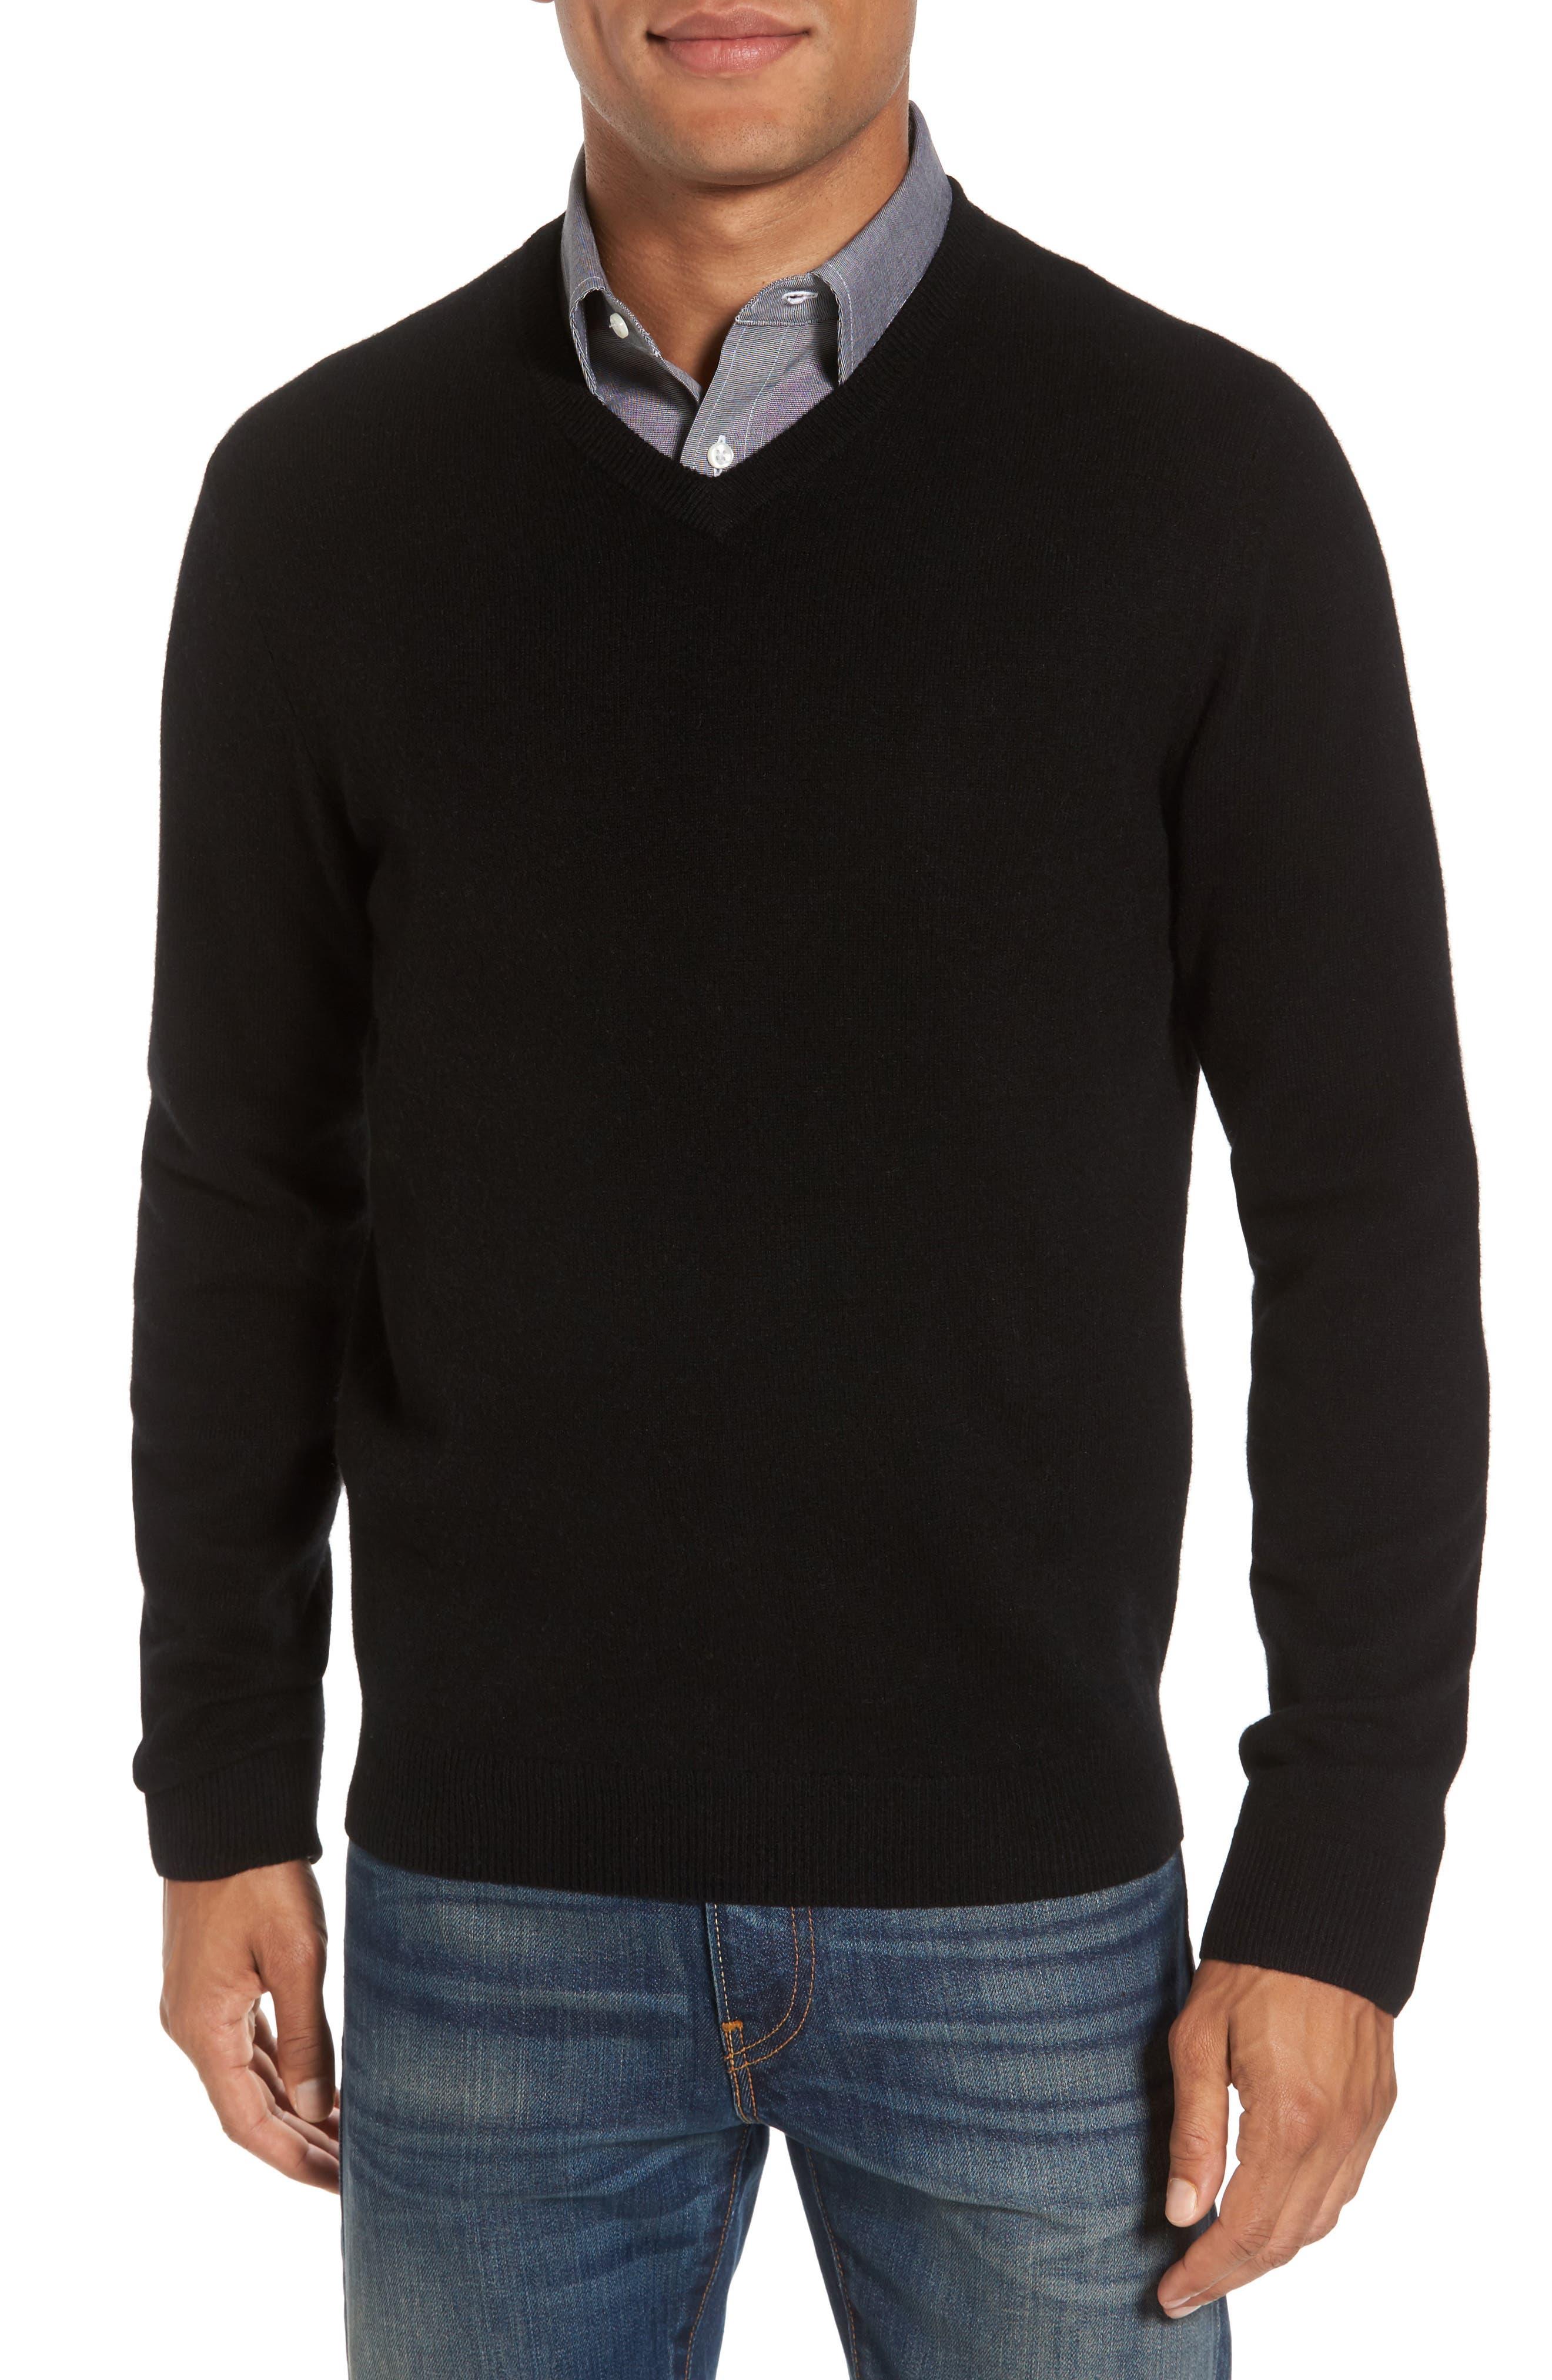 Alternate Image 1 Selected - Nordstrom Men's Shop Cashmere V-Neck Sweater